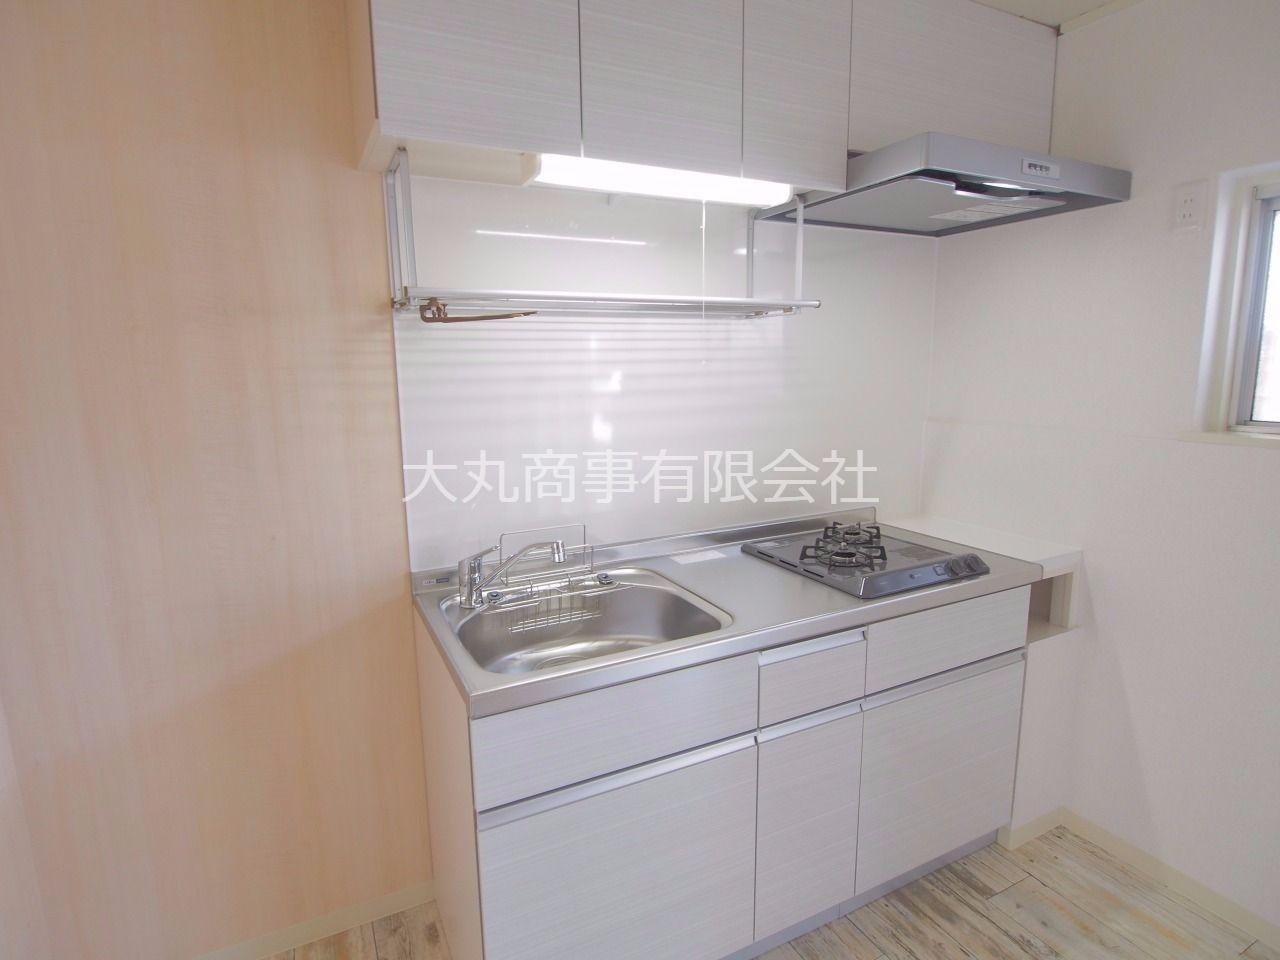 ビルトインコンロとレンジフートが特徴のキッチン